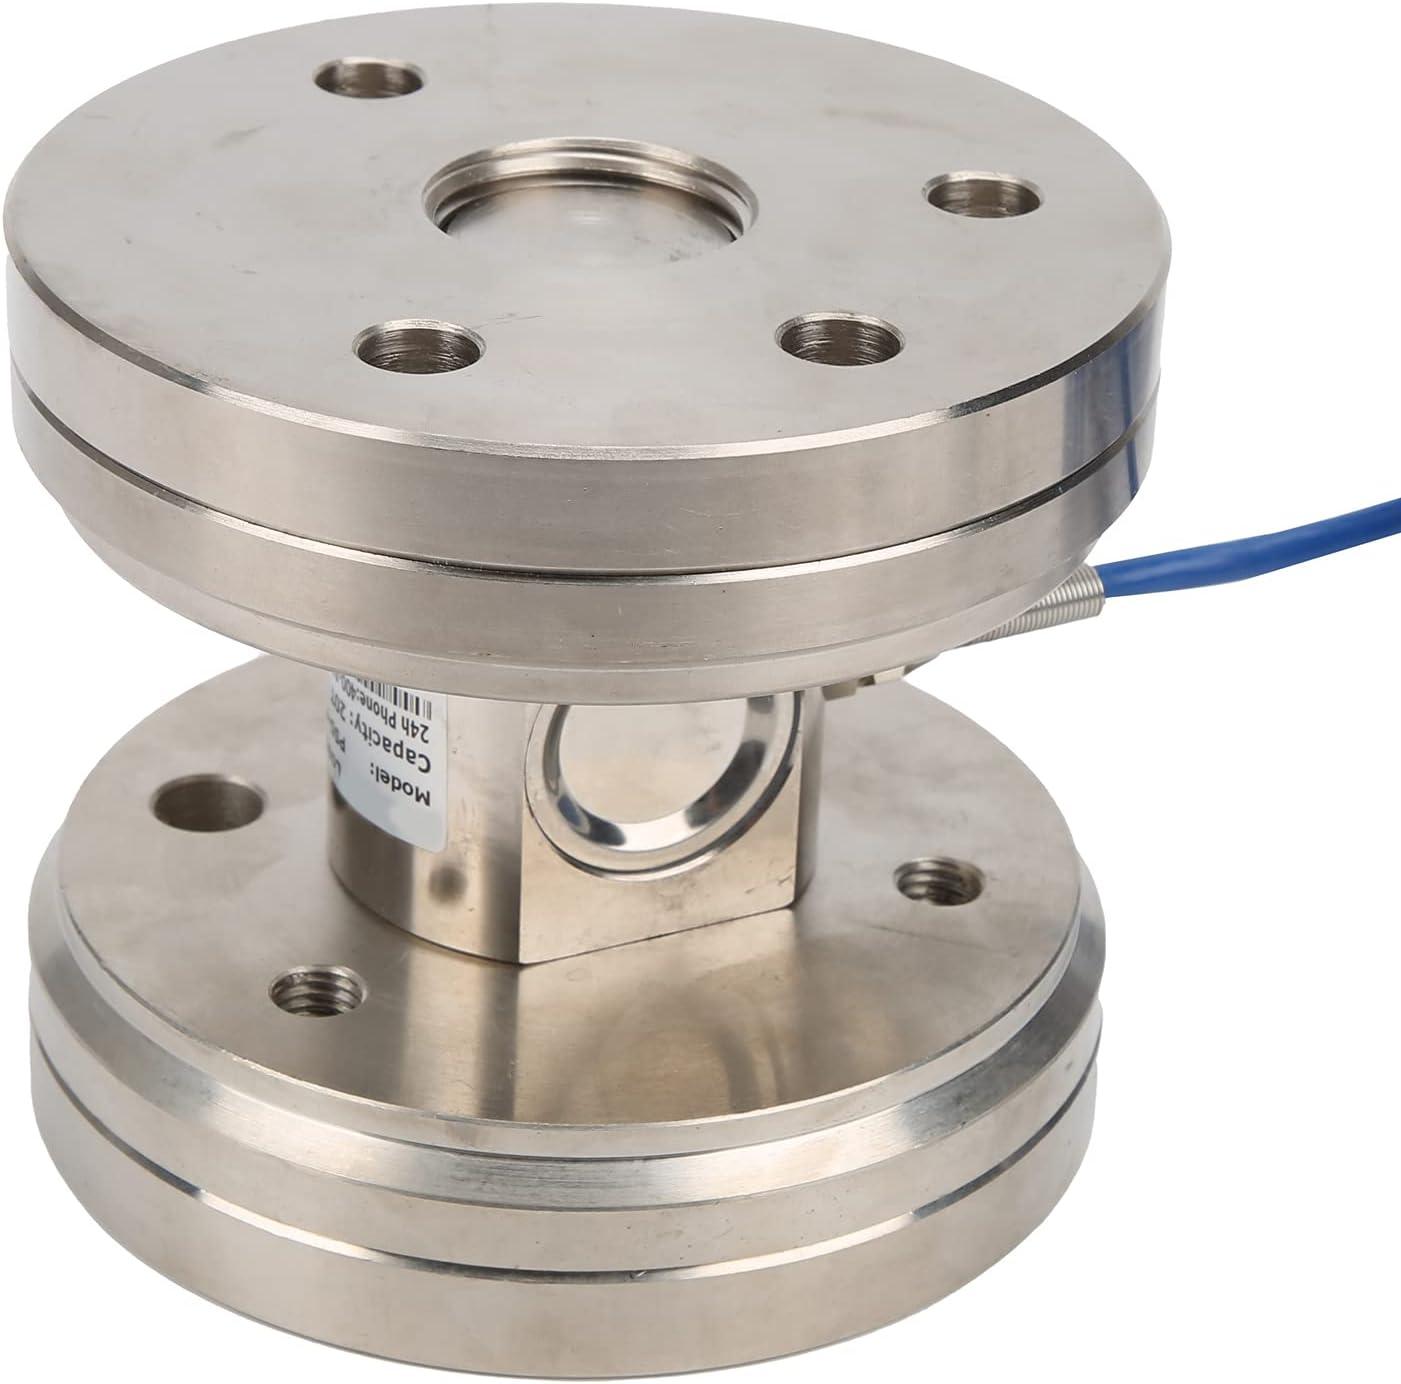 Célula de carga de presión, a prueba de lluvia y de humedad Célula de carga de medición de fuerza para el hogar para la fábrica